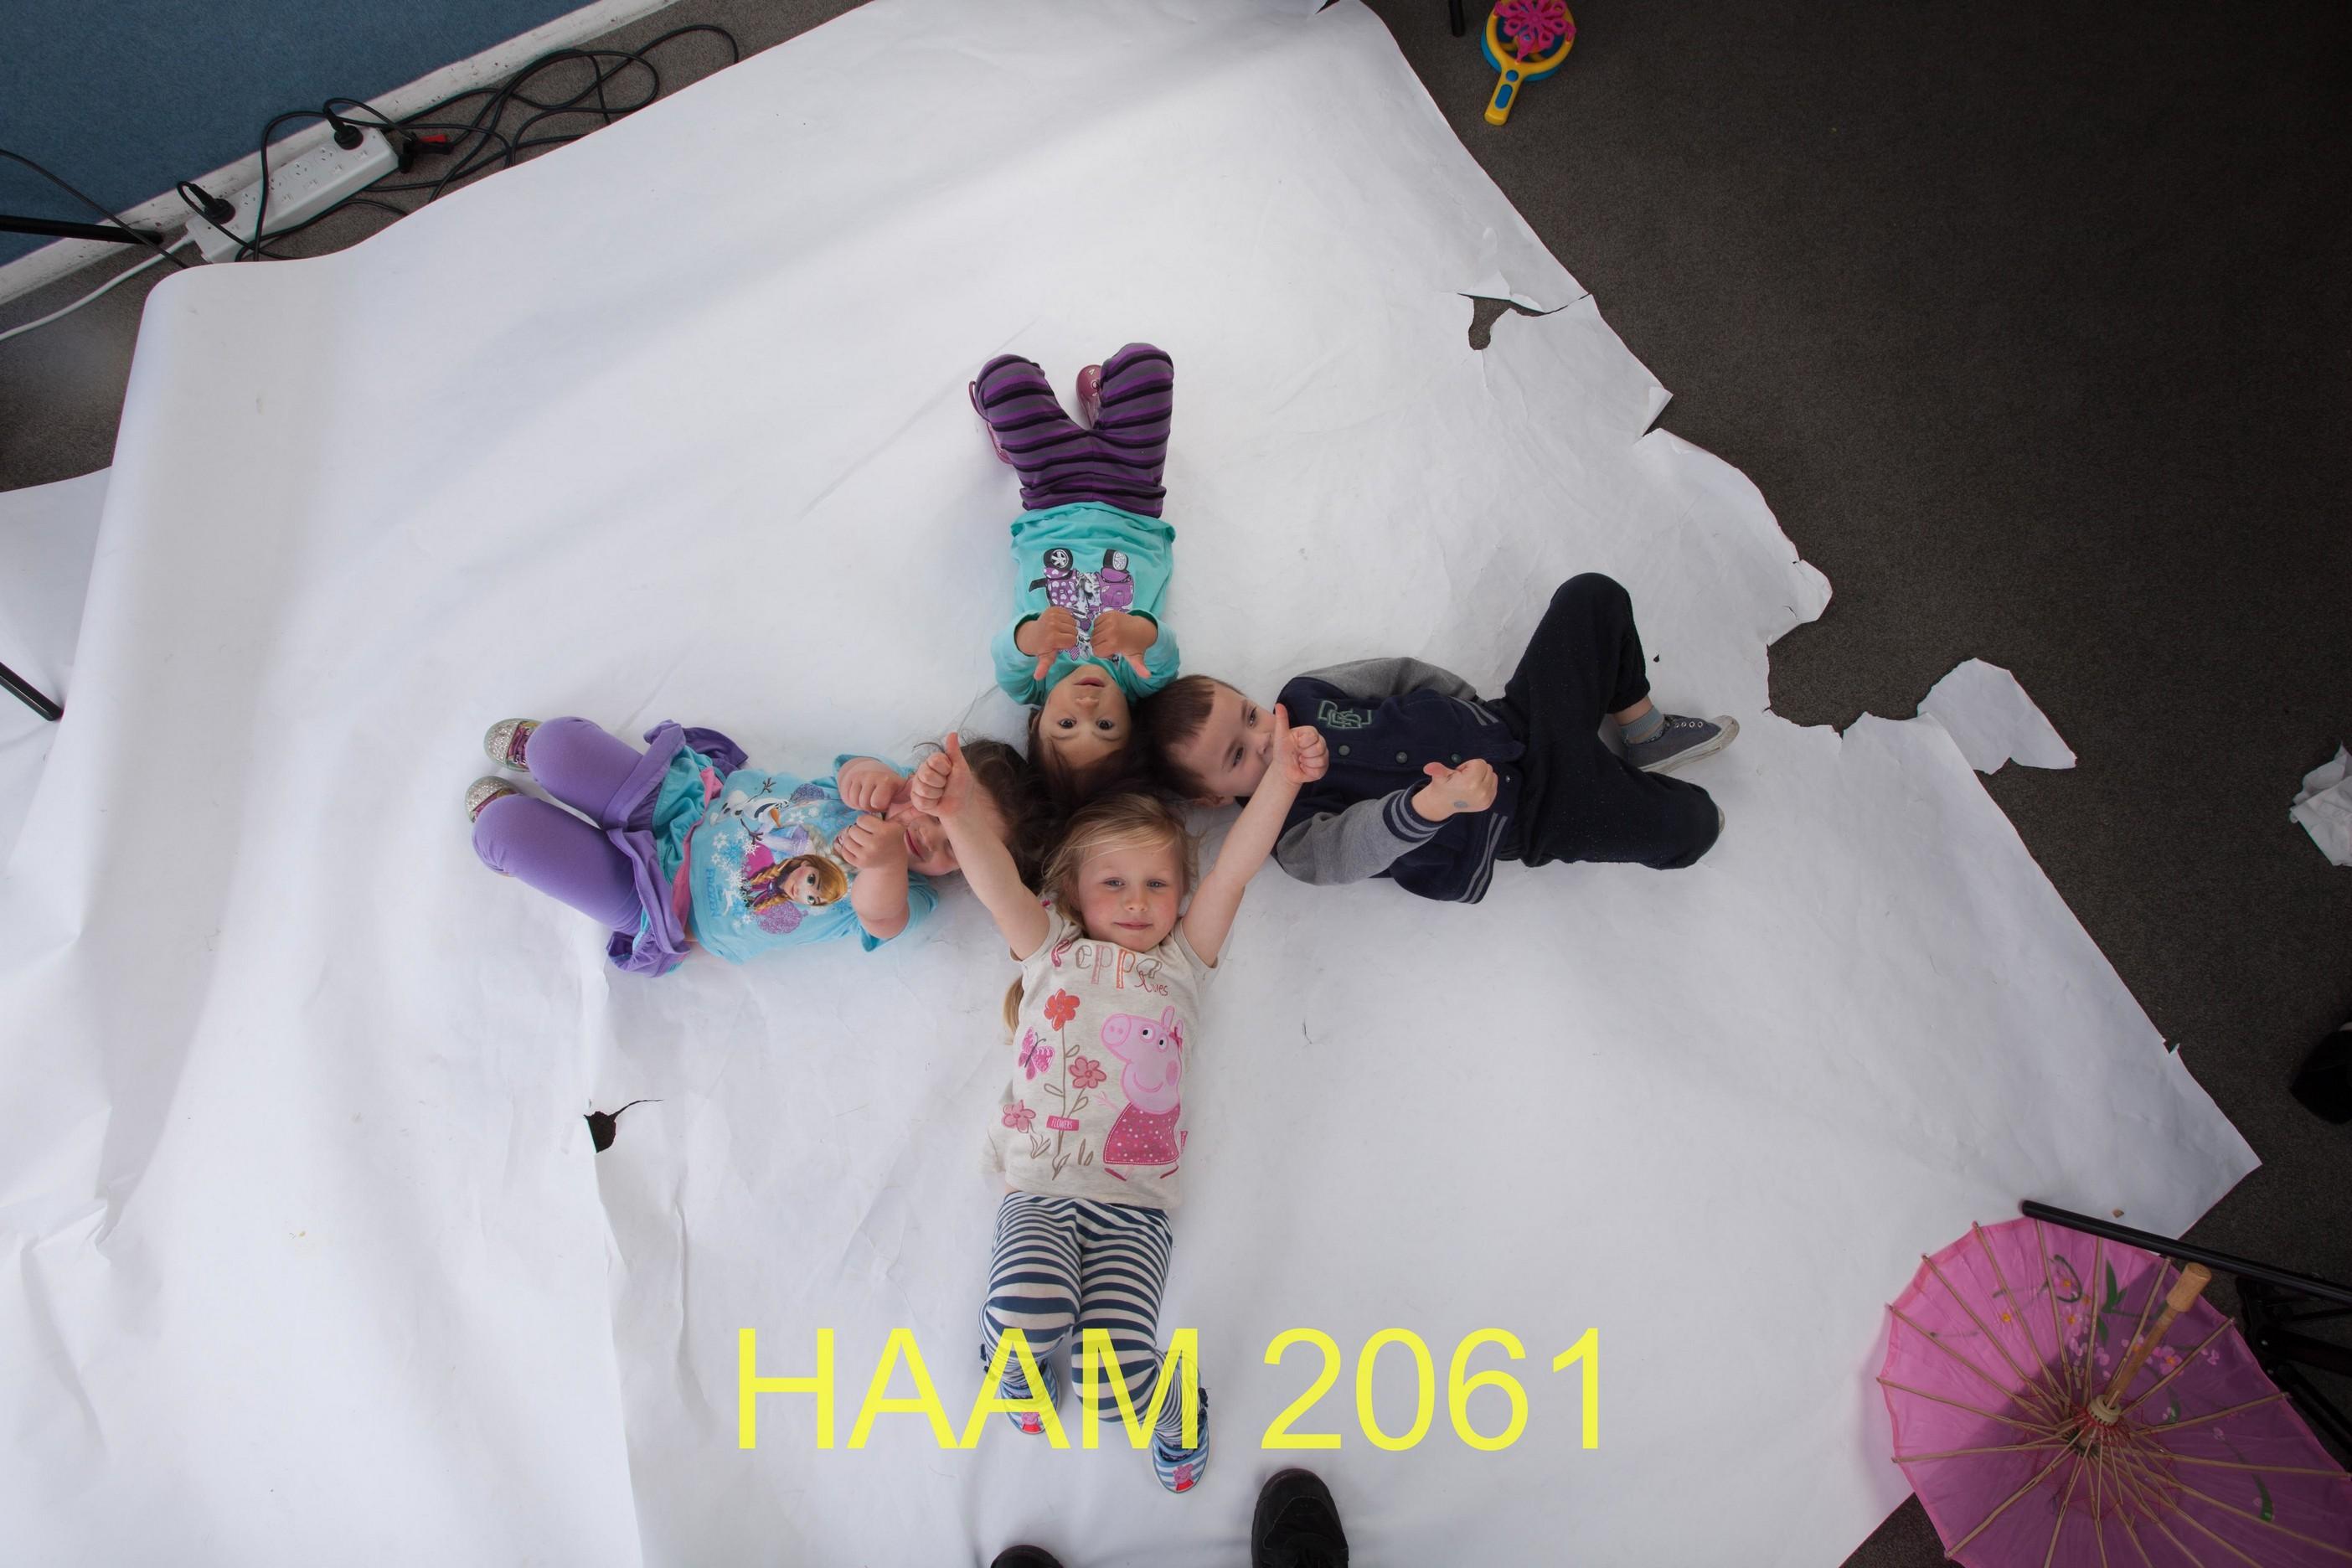 HAAM 2061